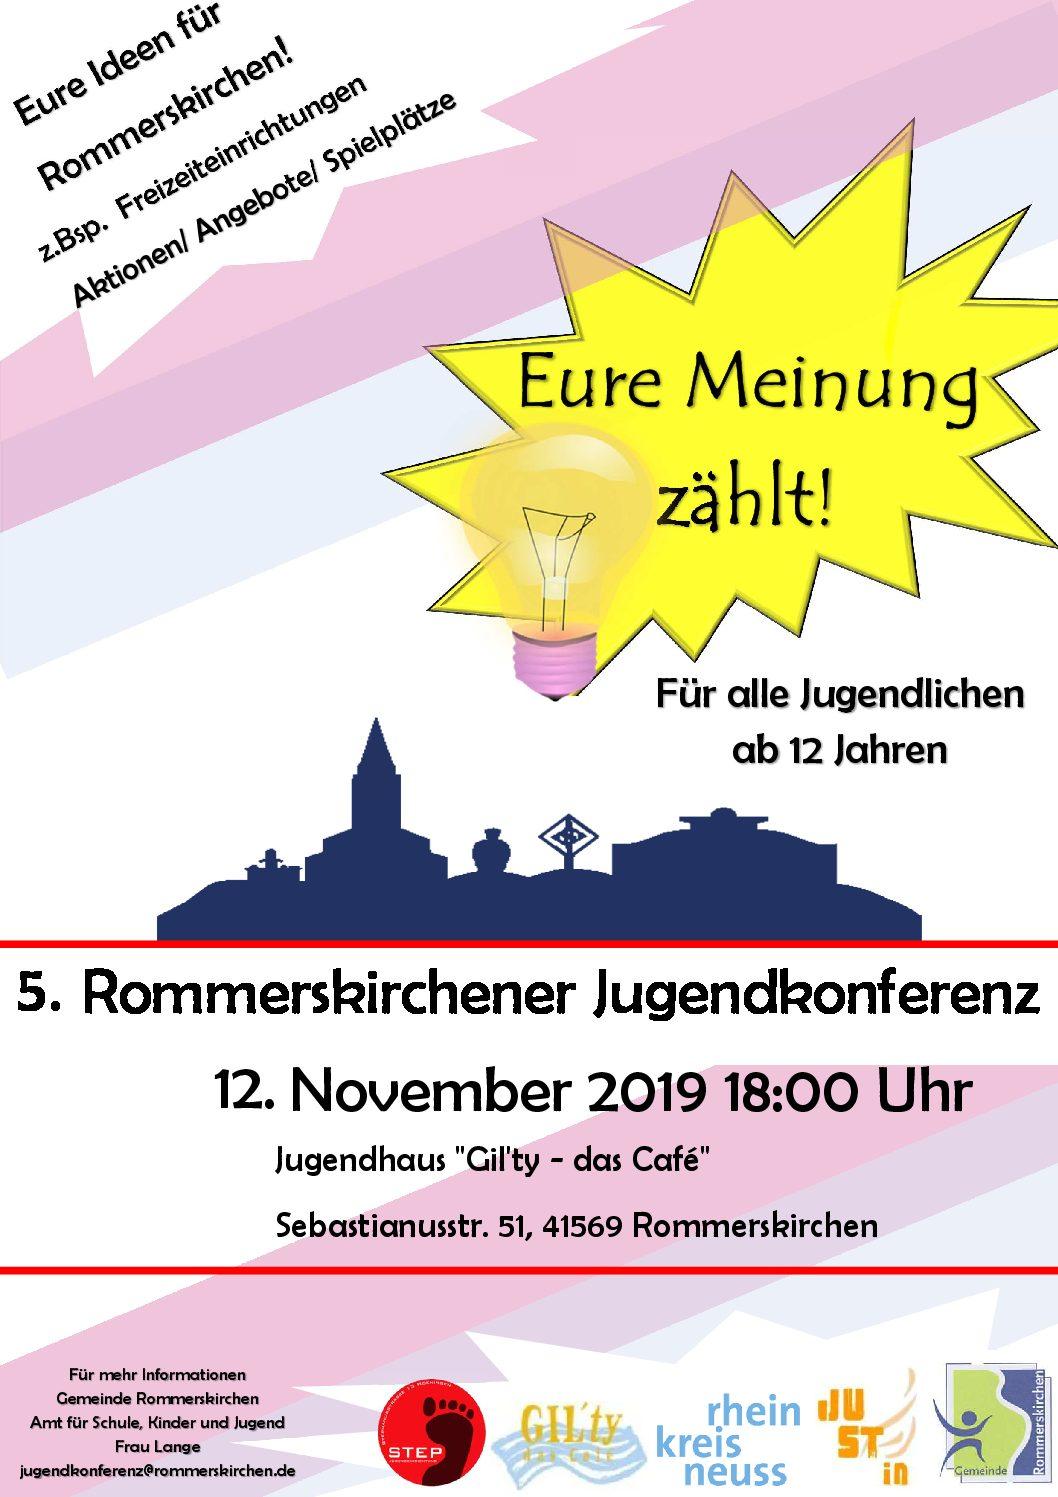 5. Jugendkonferenz als Beteiligungsorgan für junge Menschen in Rommerskirchen